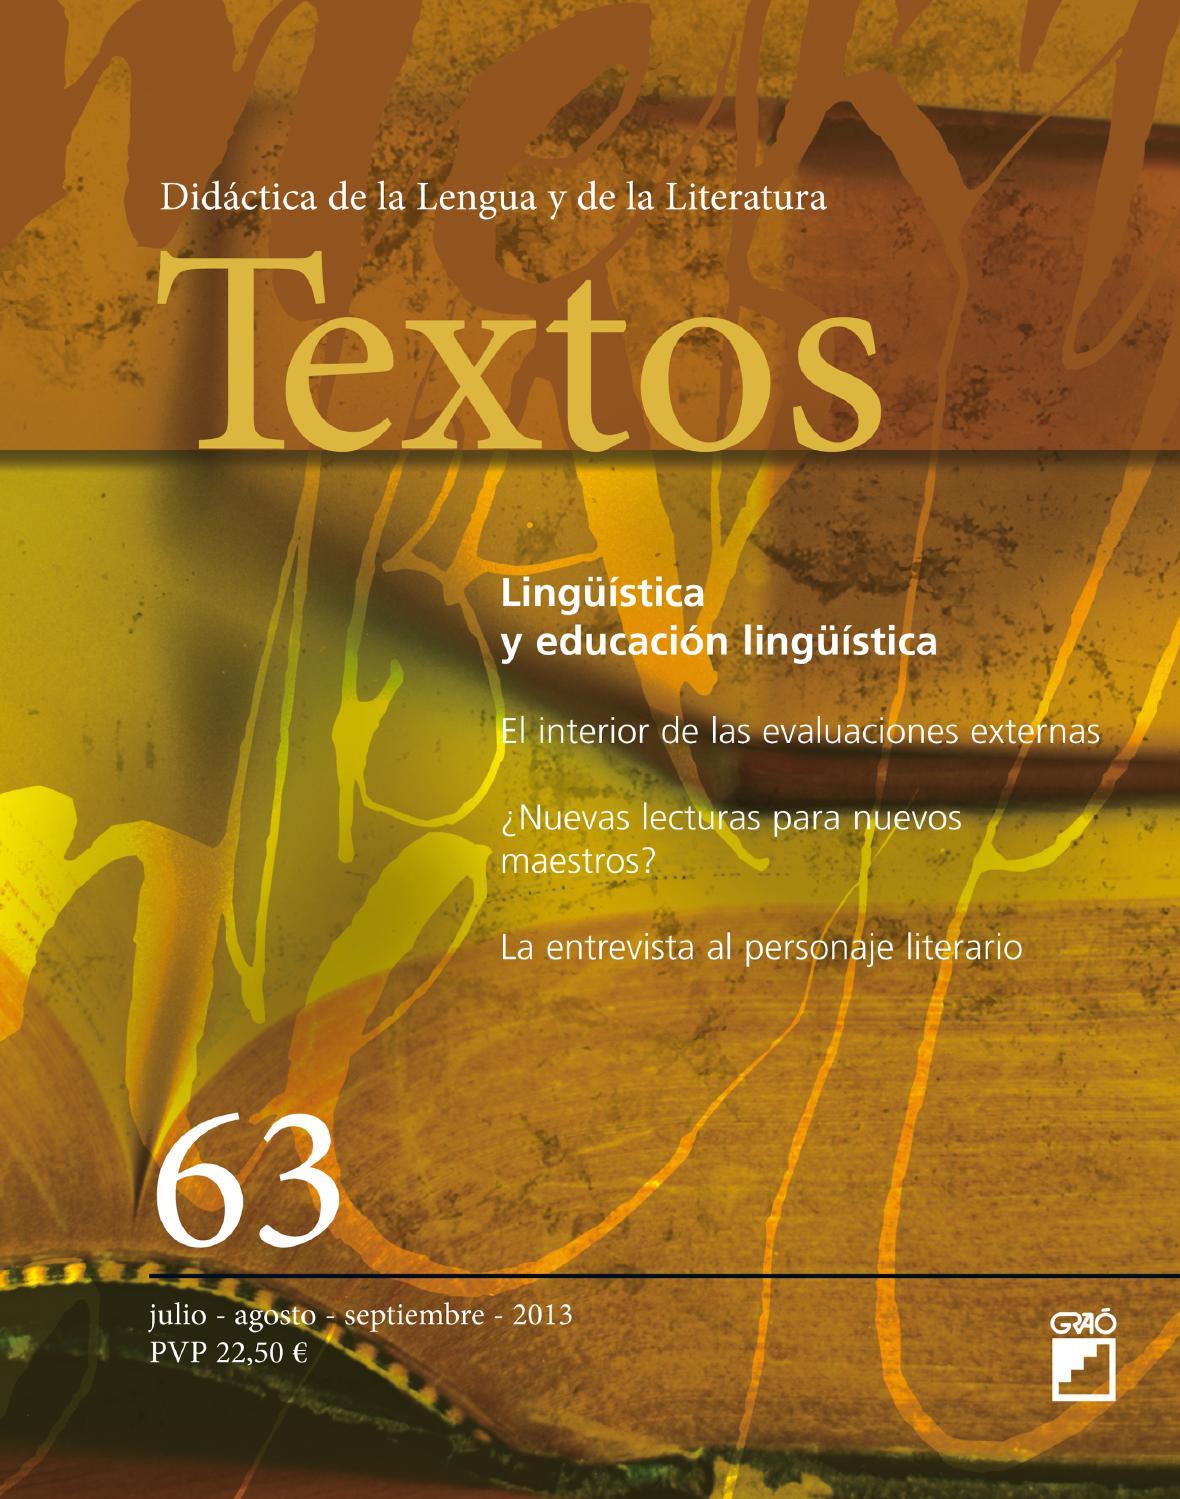 Textos. Didáctica de la Lengua y de la Literatura by Editorial Graó ...